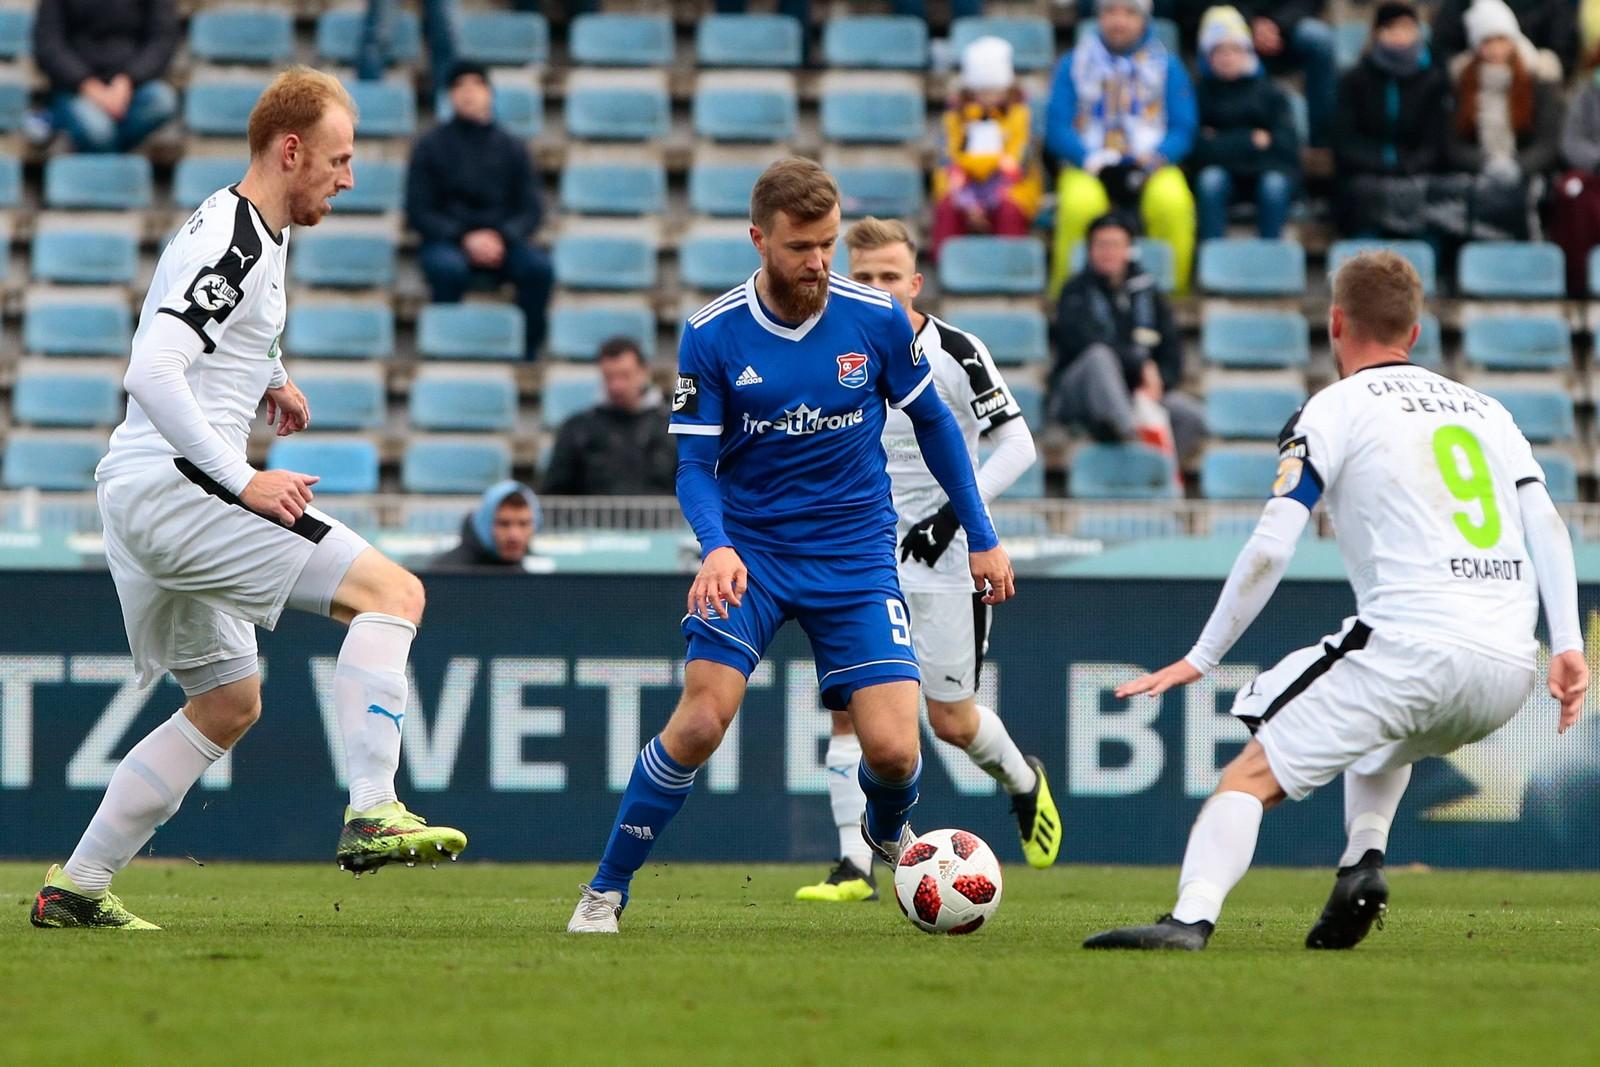 Stephan Aigner im Duell mit drei Gegenspielern.